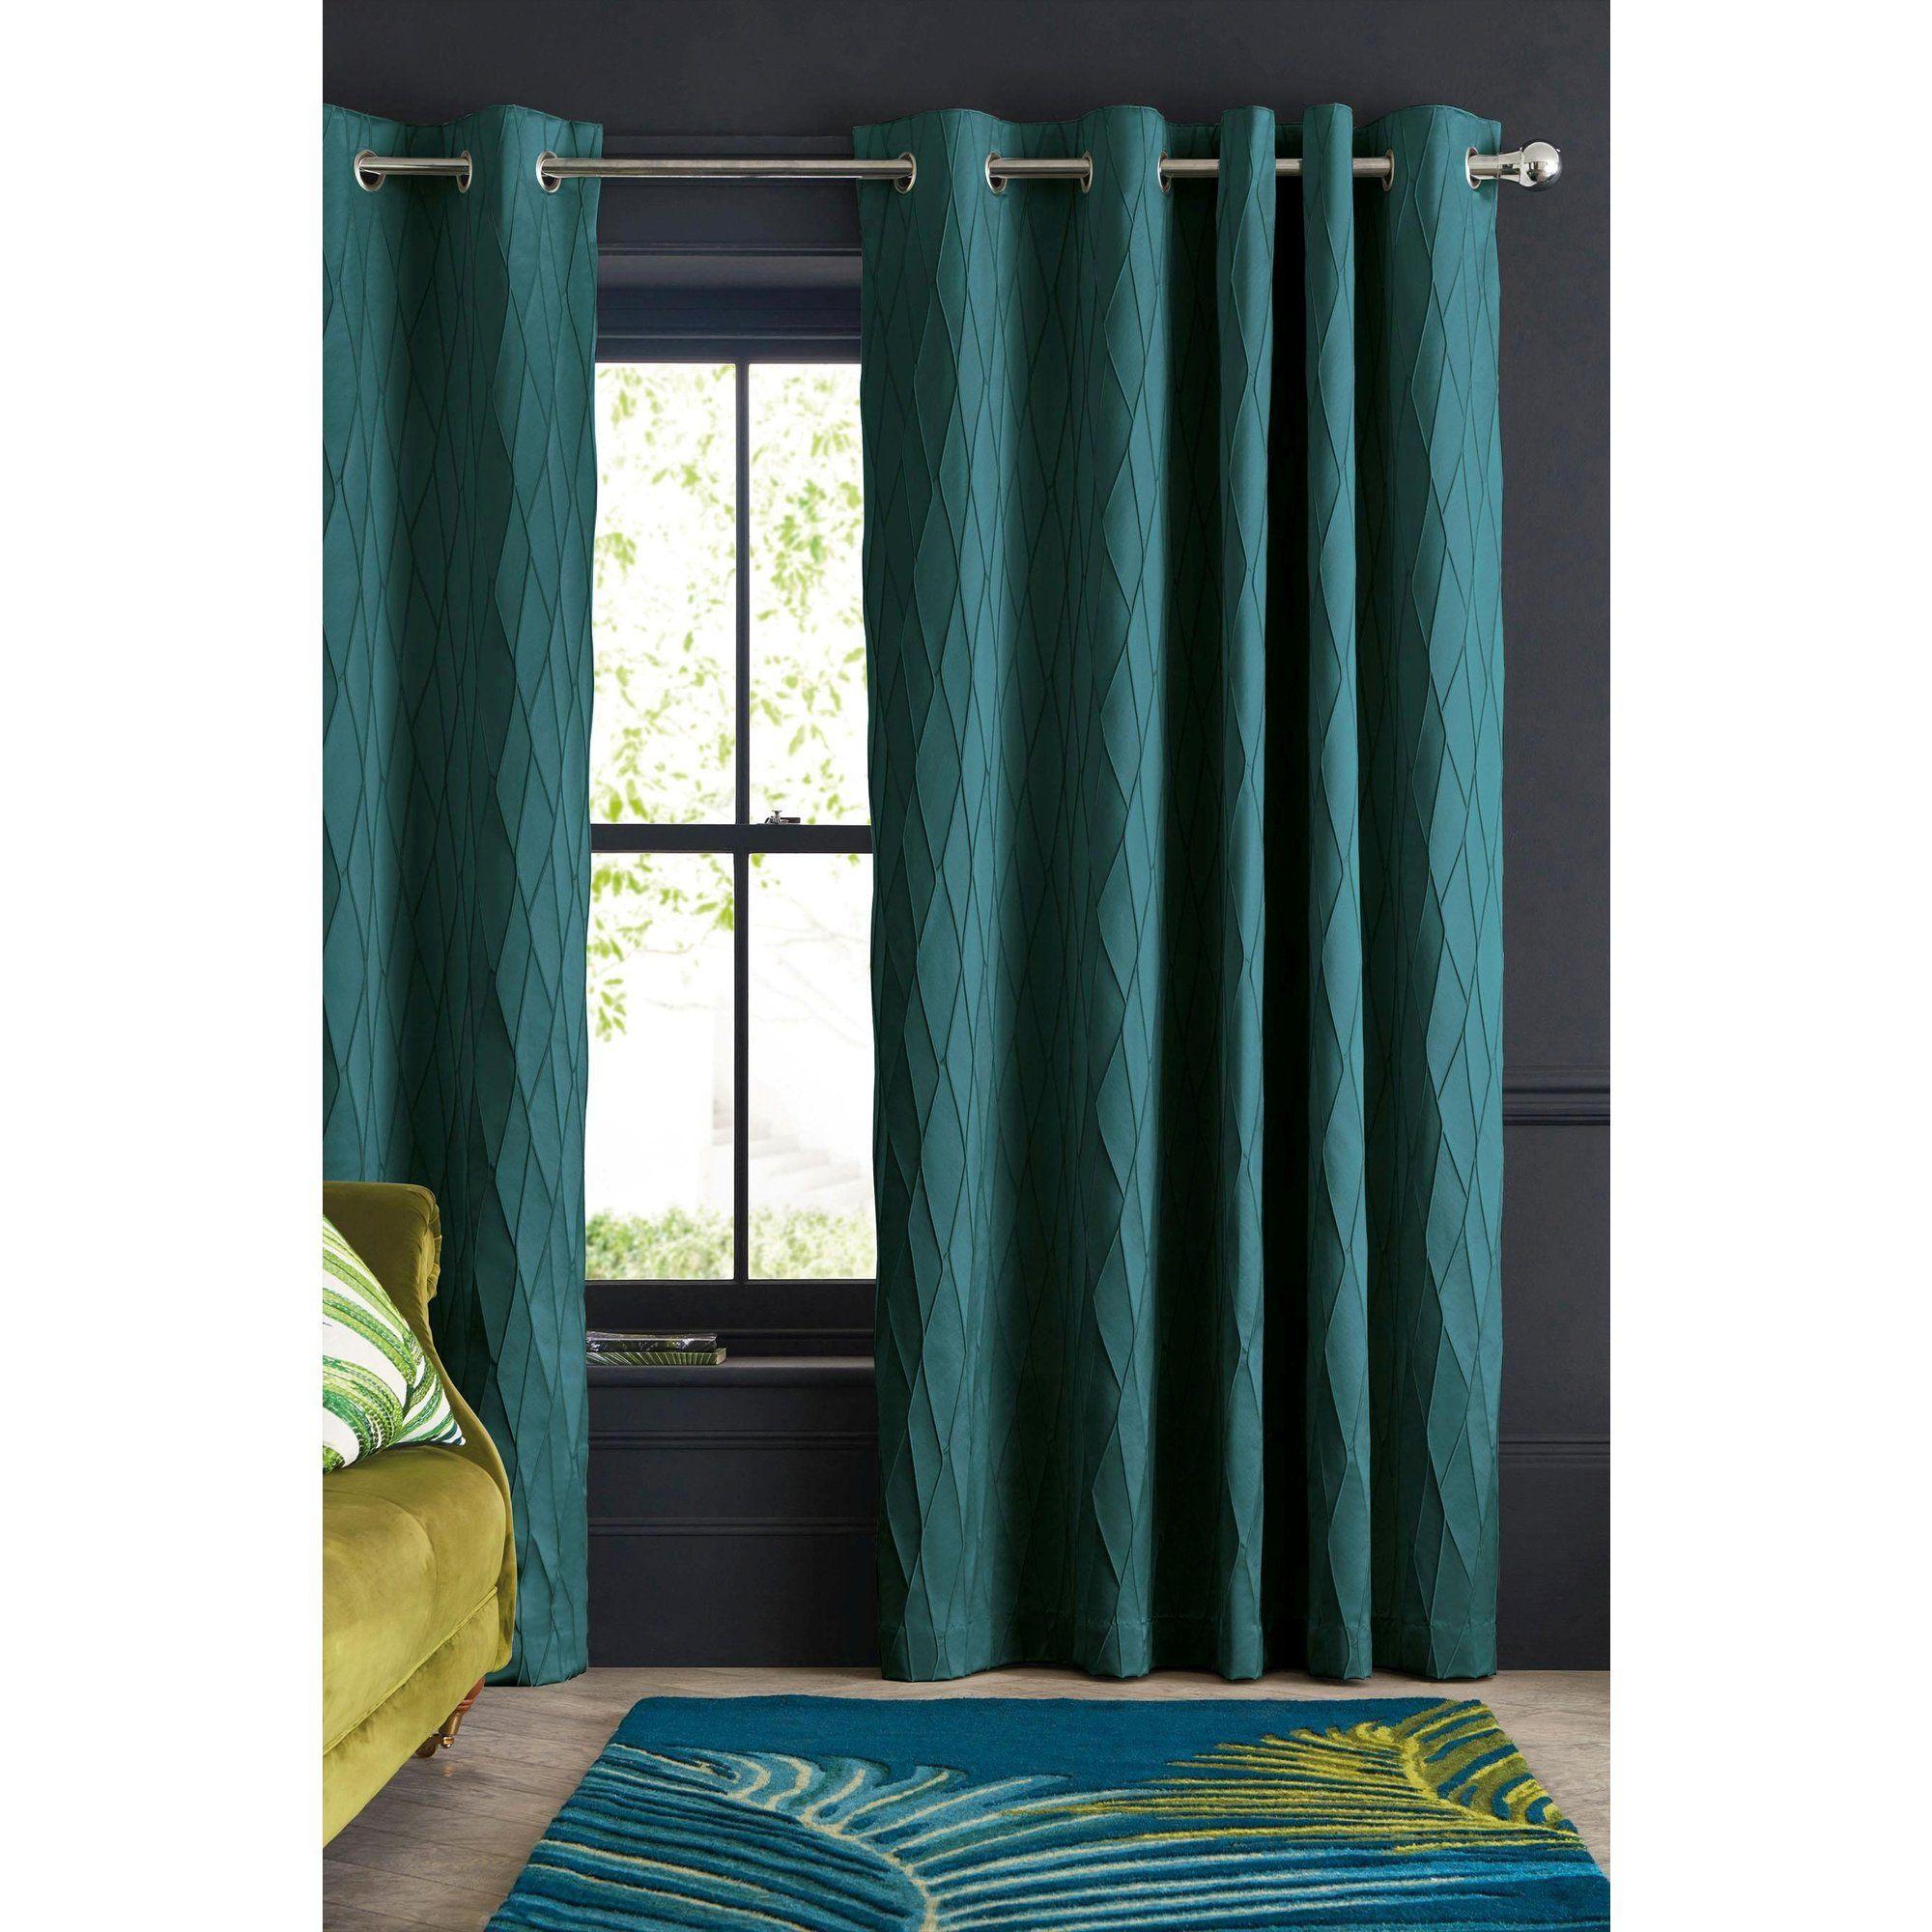 rideaux illets avec imprim g om trique en relief next rideau pinterest rideaux. Black Bedroom Furniture Sets. Home Design Ideas